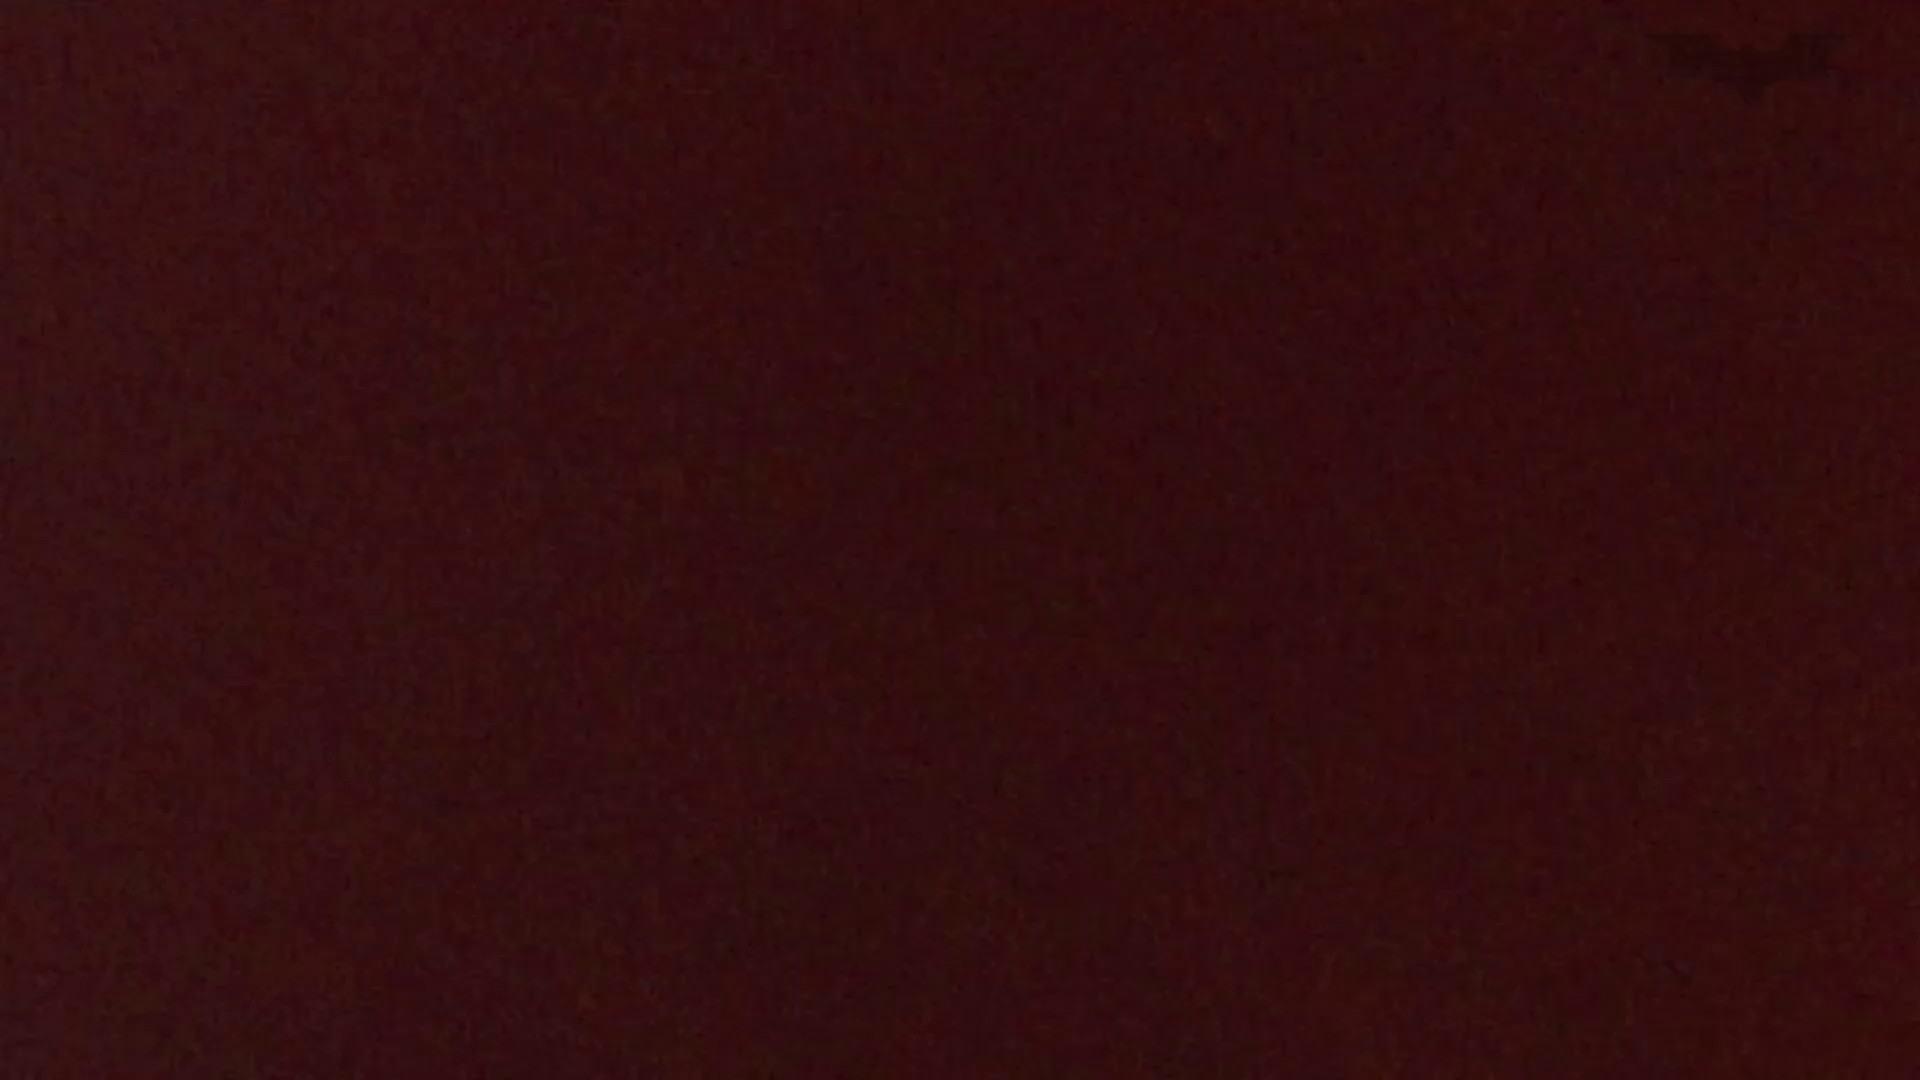 JD盗撮 美女の洗面所の秘密 Vol.66 盗撮エロすぎ | トイレ中  43連発 25